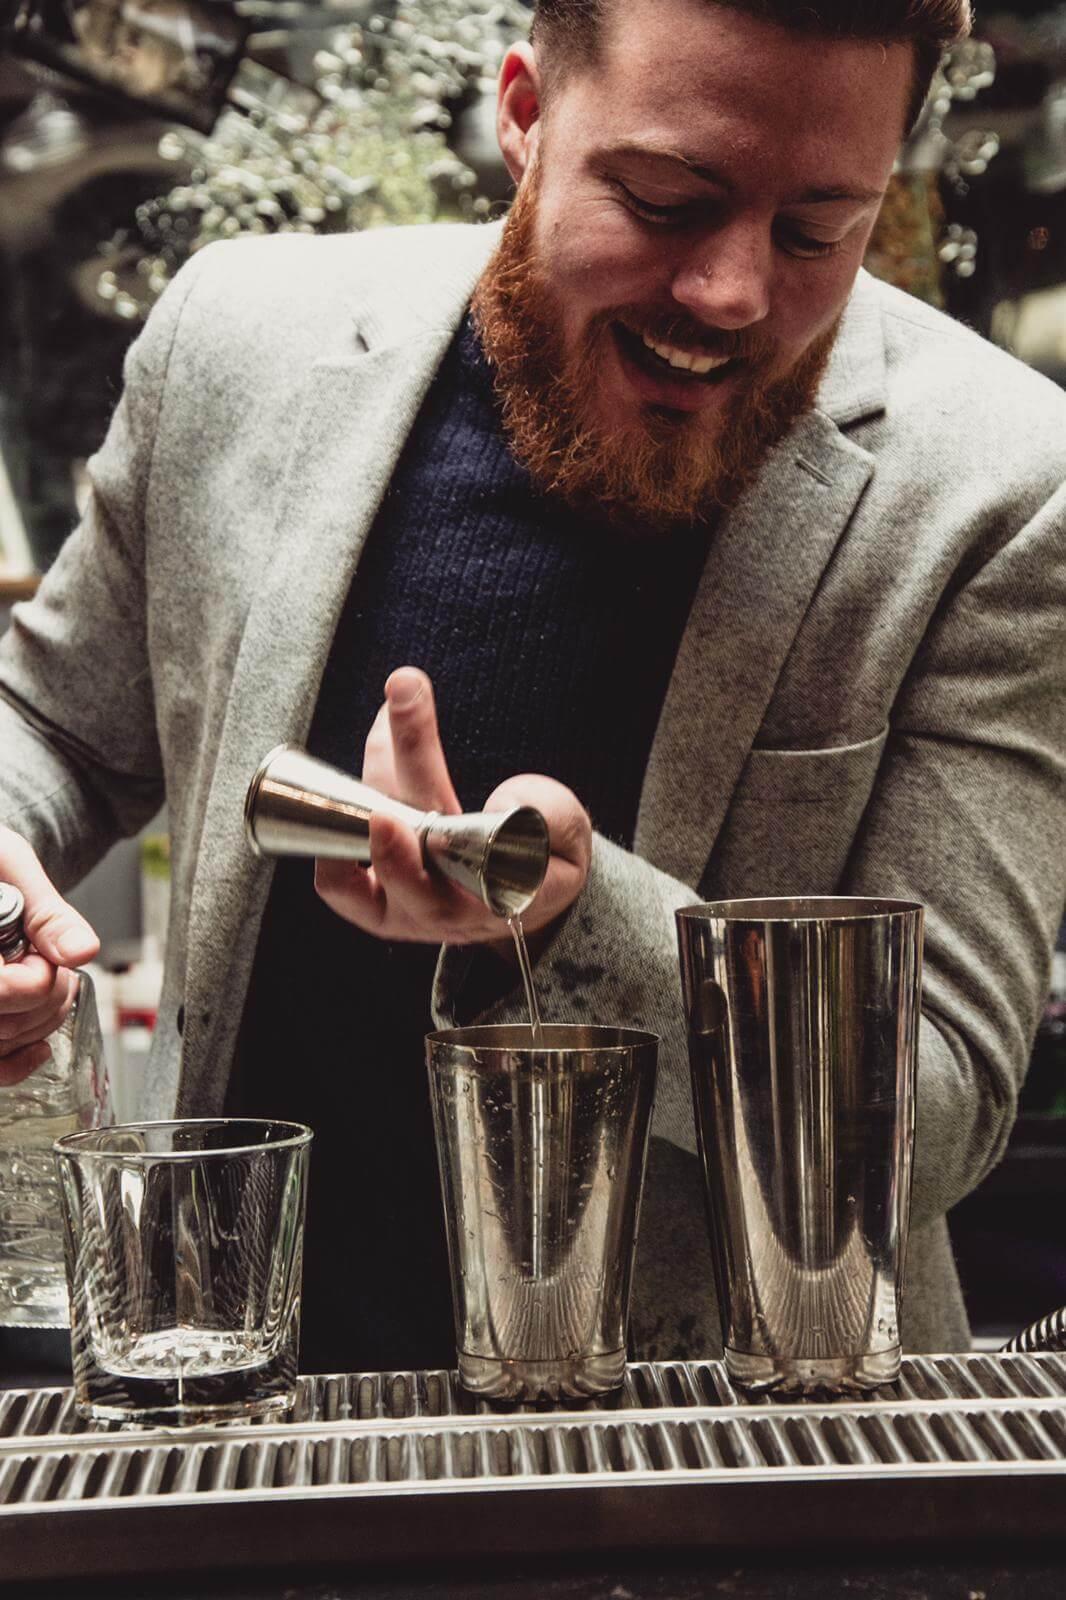 cocktail_making_bar